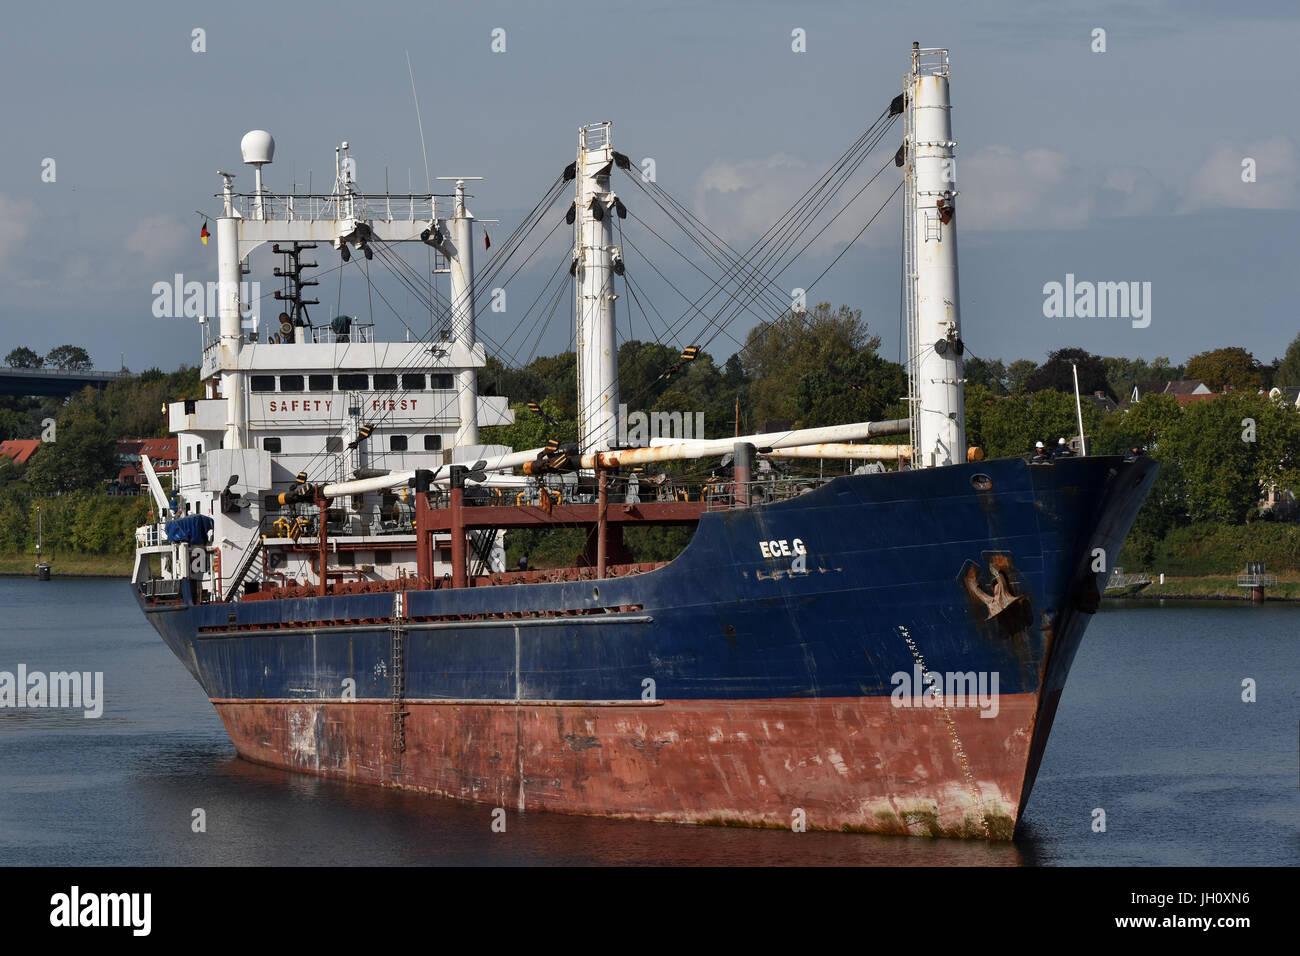 General Cargo Ship Ece G Stock Photo